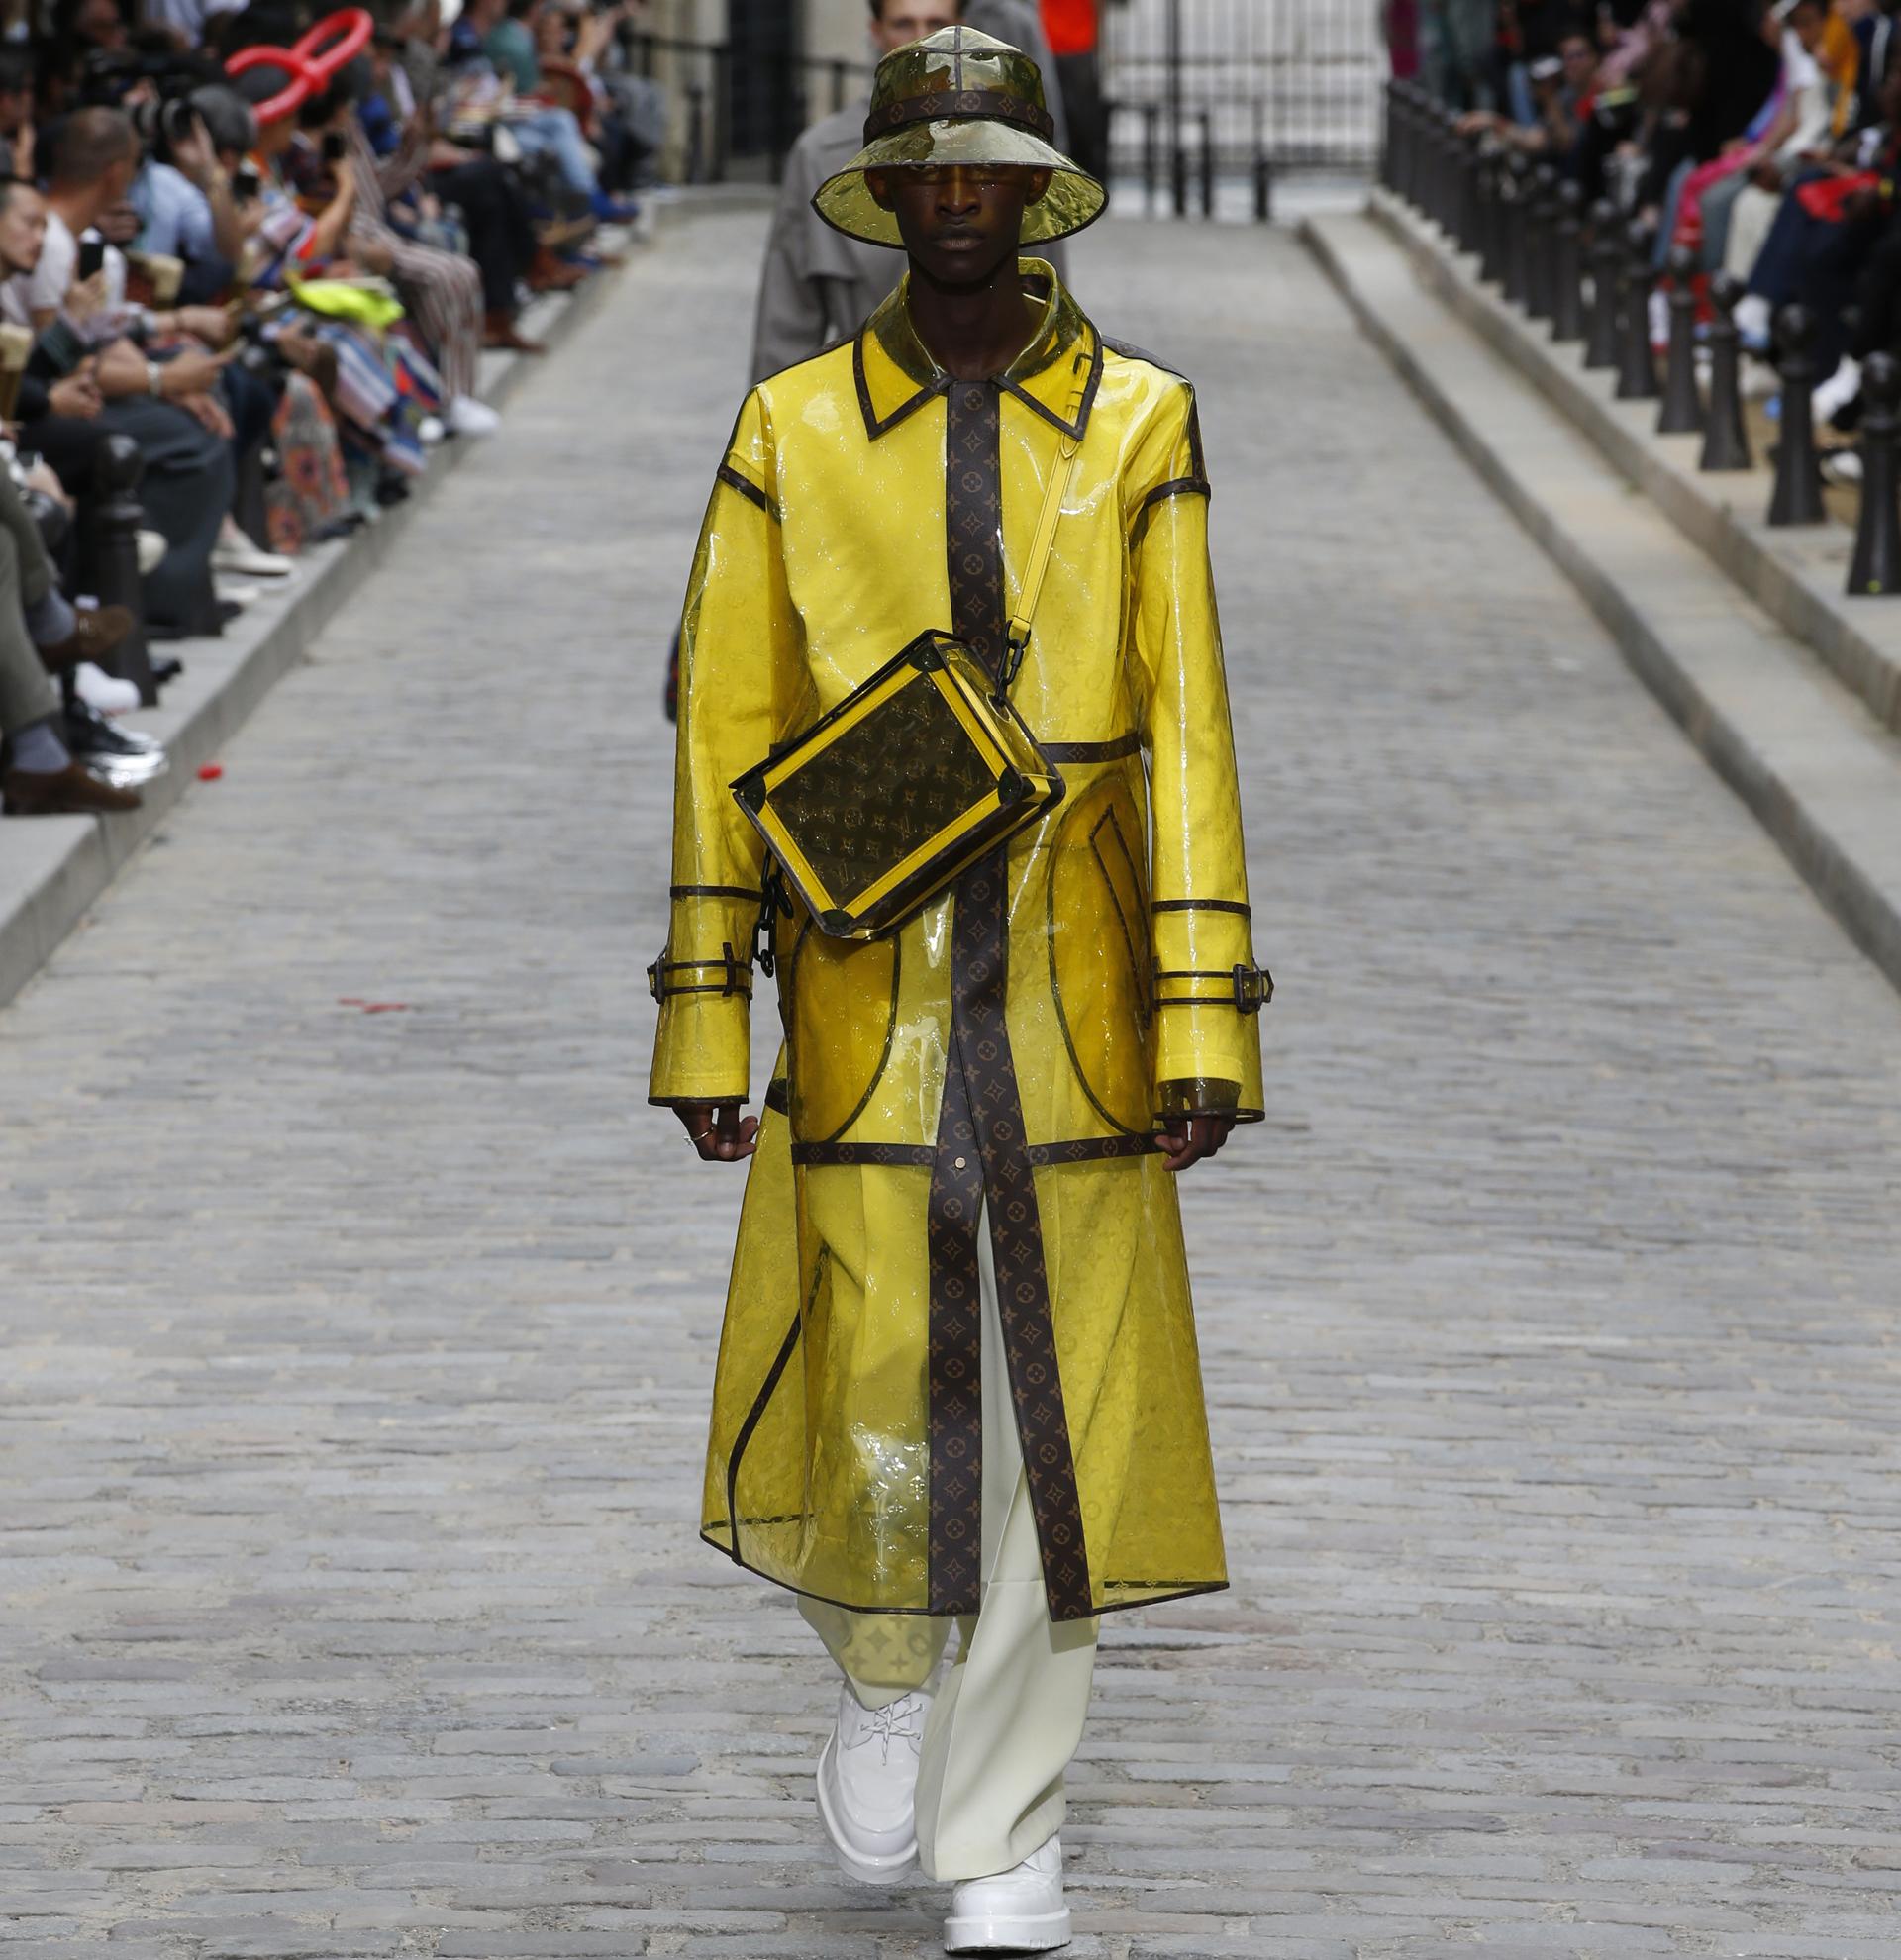 Uno de los protagonistas de la colección de Louis Vuitton fue el impermeable con el logotipo de la marca. De corte midi y con el sombrero haciendo juego, el look lo completó una crossbody en amarillo con el monogram en marrón